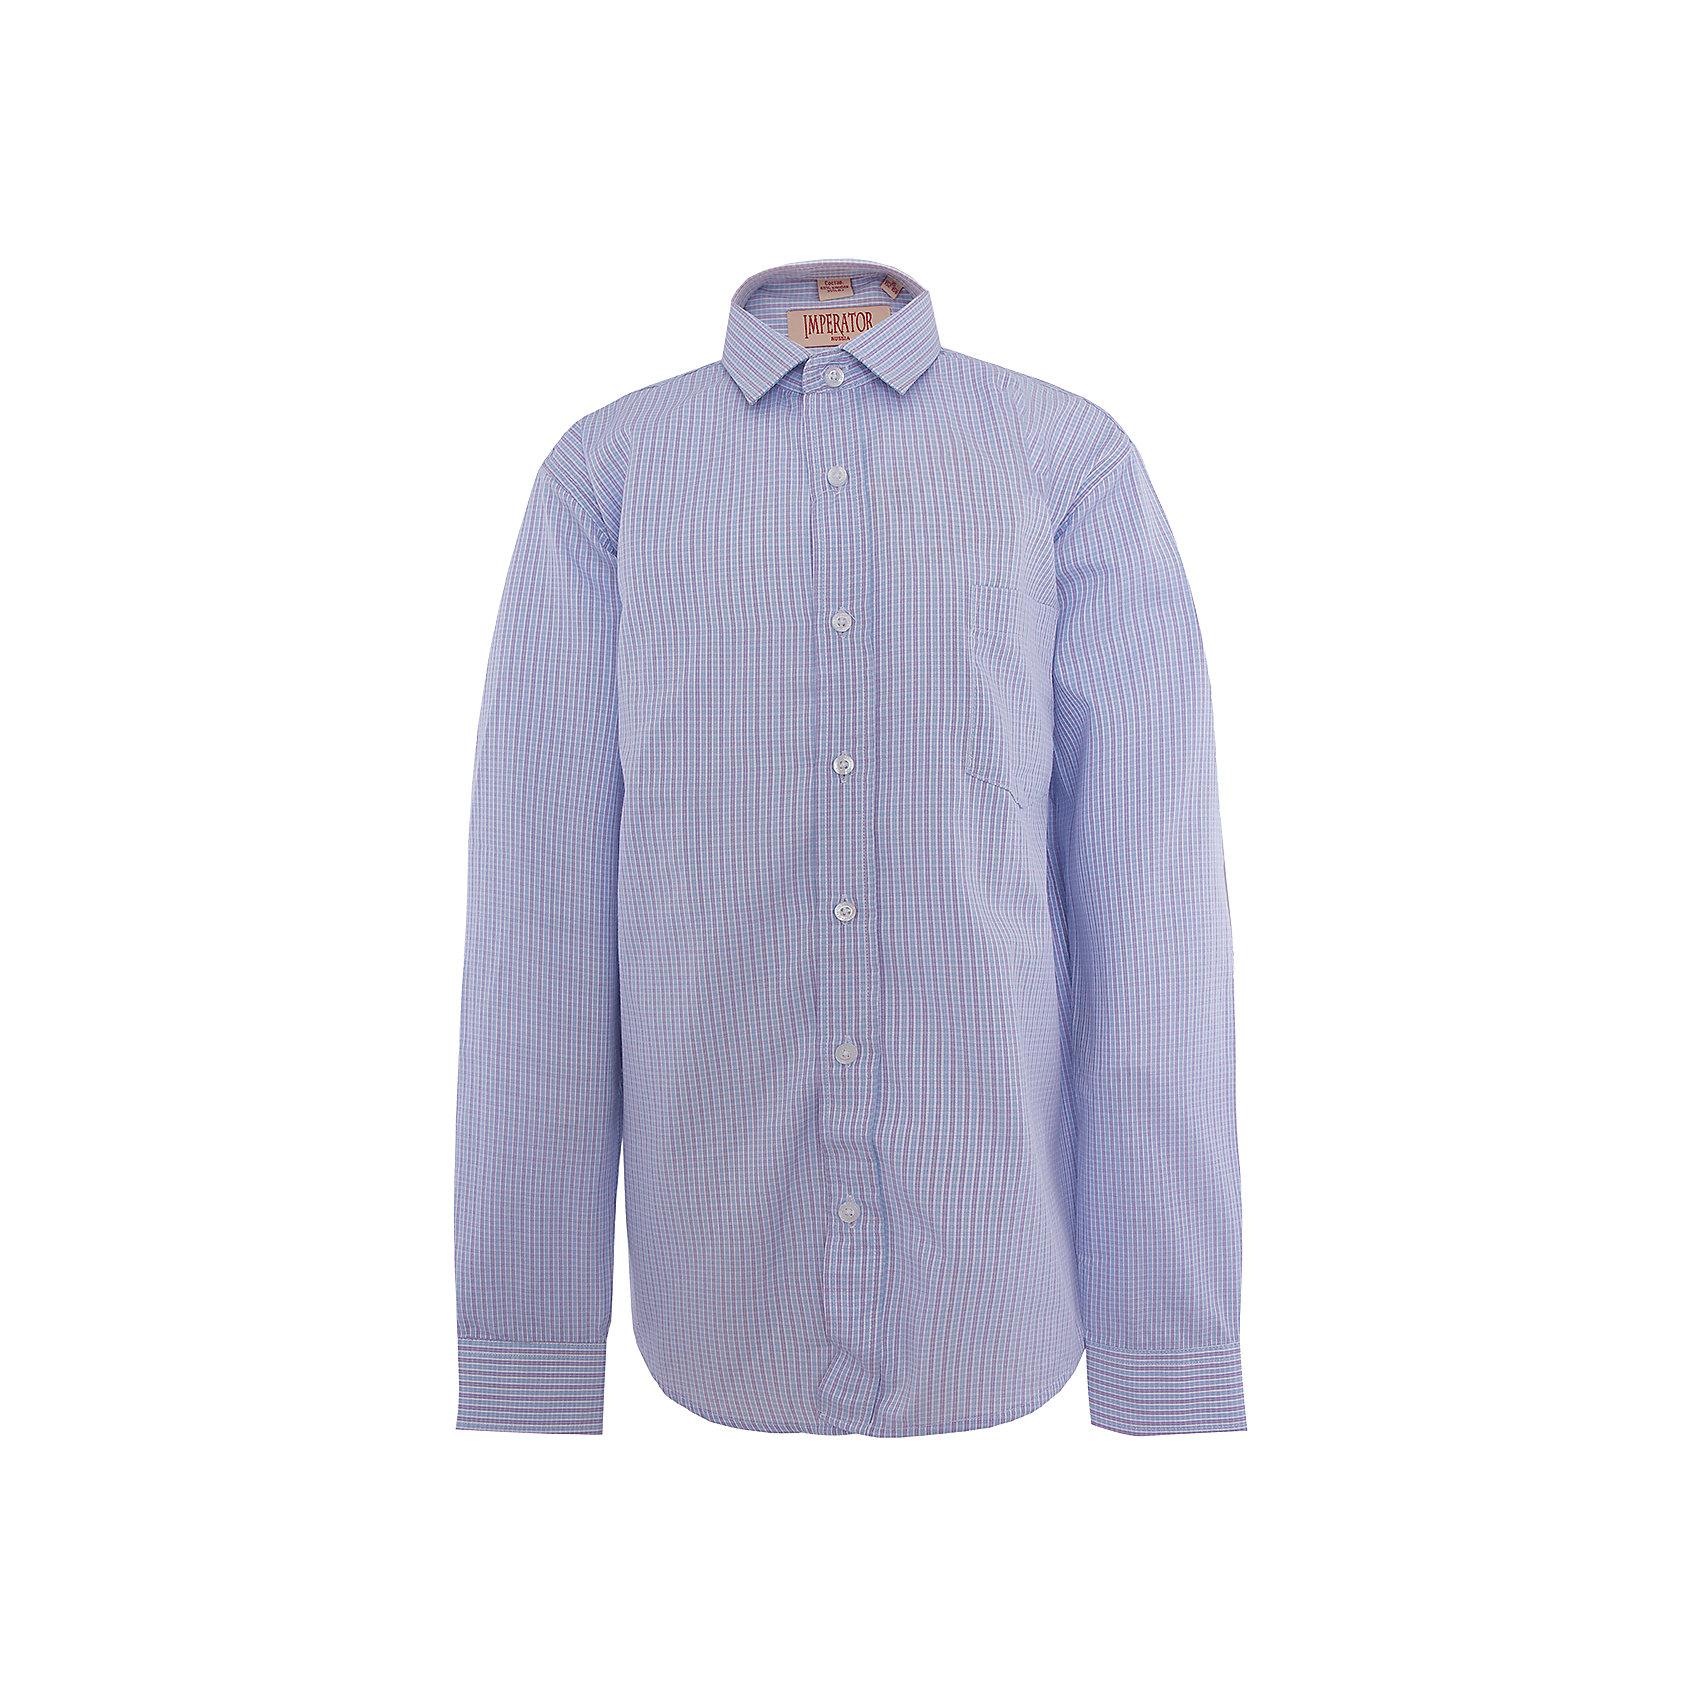 Рубашка для мальчика ImperatorРубашка для мальчика от российской марки Imperator <br><br>Красивая и удобная рубашка отлично подойдет и для школьных будней и для праздничных мероприятий. Модель хорошо сидит, не стесняет движения. Материал - гипоаллергенный, дышащий и приятный на ощупь.<br><br>Особенности модели:<br><br>- материал - тонкий, с содержанием хлопка;<br>- цвет - сиреневый;<br>- карман на груди;<br>- длинный рукав;<br>- застежки-пуговицы;<br>- отложной воротник и манжеты;<br>- пуговицы на манжетах.<br><br>Дополнительная информация:<br><br>Состав: 65% хлопок, 35% полиэстер<br><br>Габариты:<br><br>длина рукава - 57 см;<br>длина по спинке - 67 см.<br><br>* соответствует размеру 35/158-164<br><br>Уход за изделием:<br><br>стирка в машине при температуре до 40°С,<br>не отбеливать,<br>гладить на средней температуре.<br><br>Рубашку для мальчика от российской марки Imperator (Император) можно купить в нашем магазине.<br><br>Ширина мм: 174<br>Глубина мм: 10<br>Высота мм: 169<br>Вес г: 157<br>Цвет: фиолетовый<br>Возраст от месяцев: 96<br>Возраст до месяцев: 108<br>Пол: Мужской<br>Возраст: Детский<br>Размер: 128/134,140/146,122/128,158/164,152/158,146/152,134/140,164/170<br>SKU: 4295947